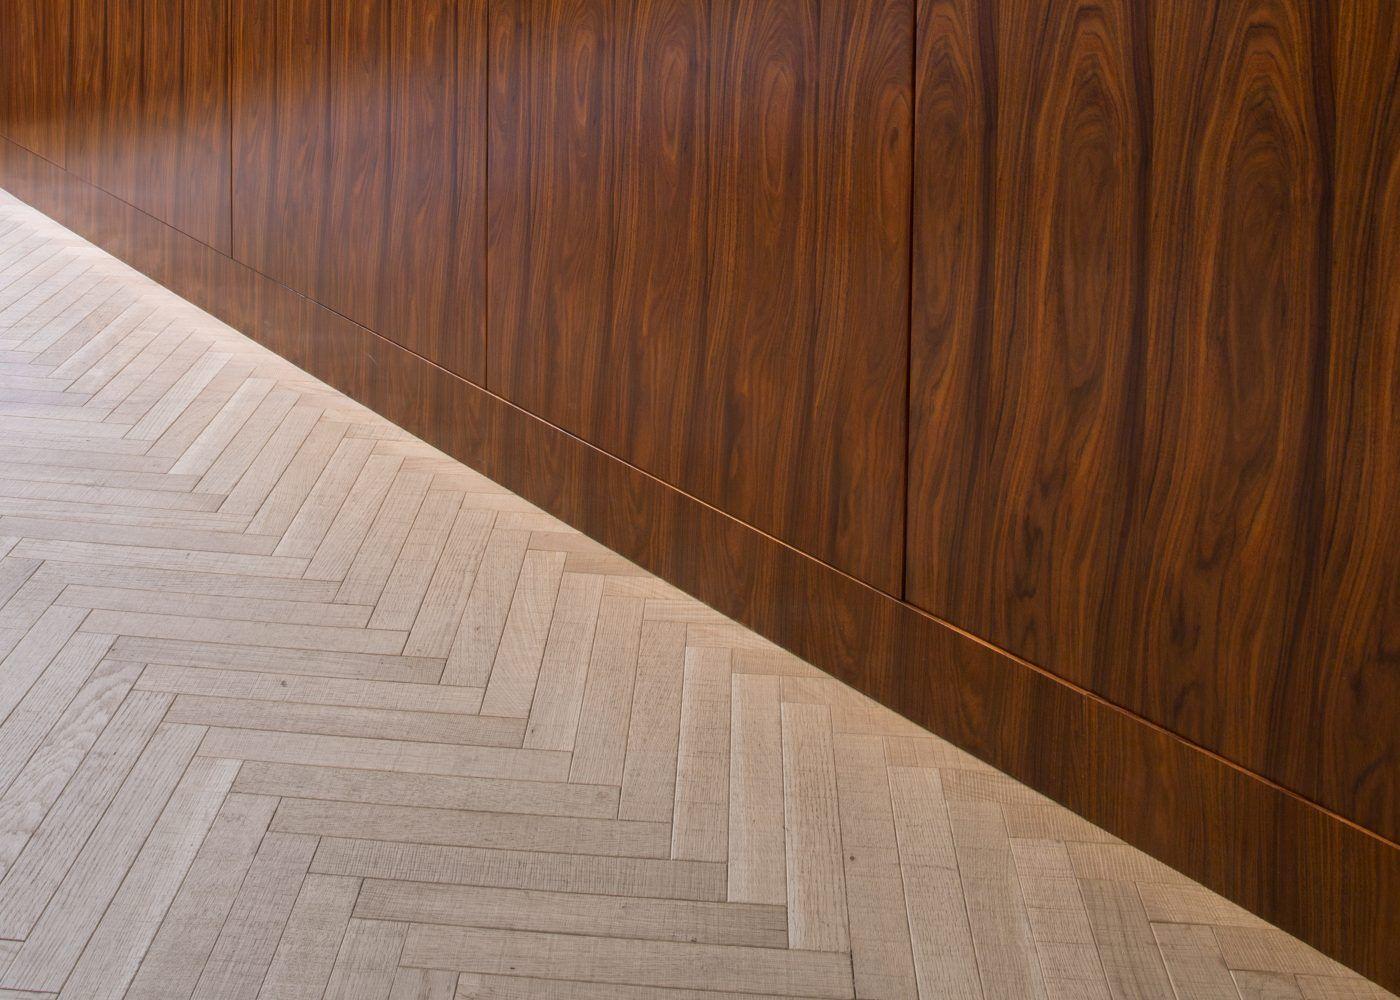 parquet terrasses et accessoires la parqueterie nouvelle parquet retina pinterest. Black Bedroom Furniture Sets. Home Design Ideas